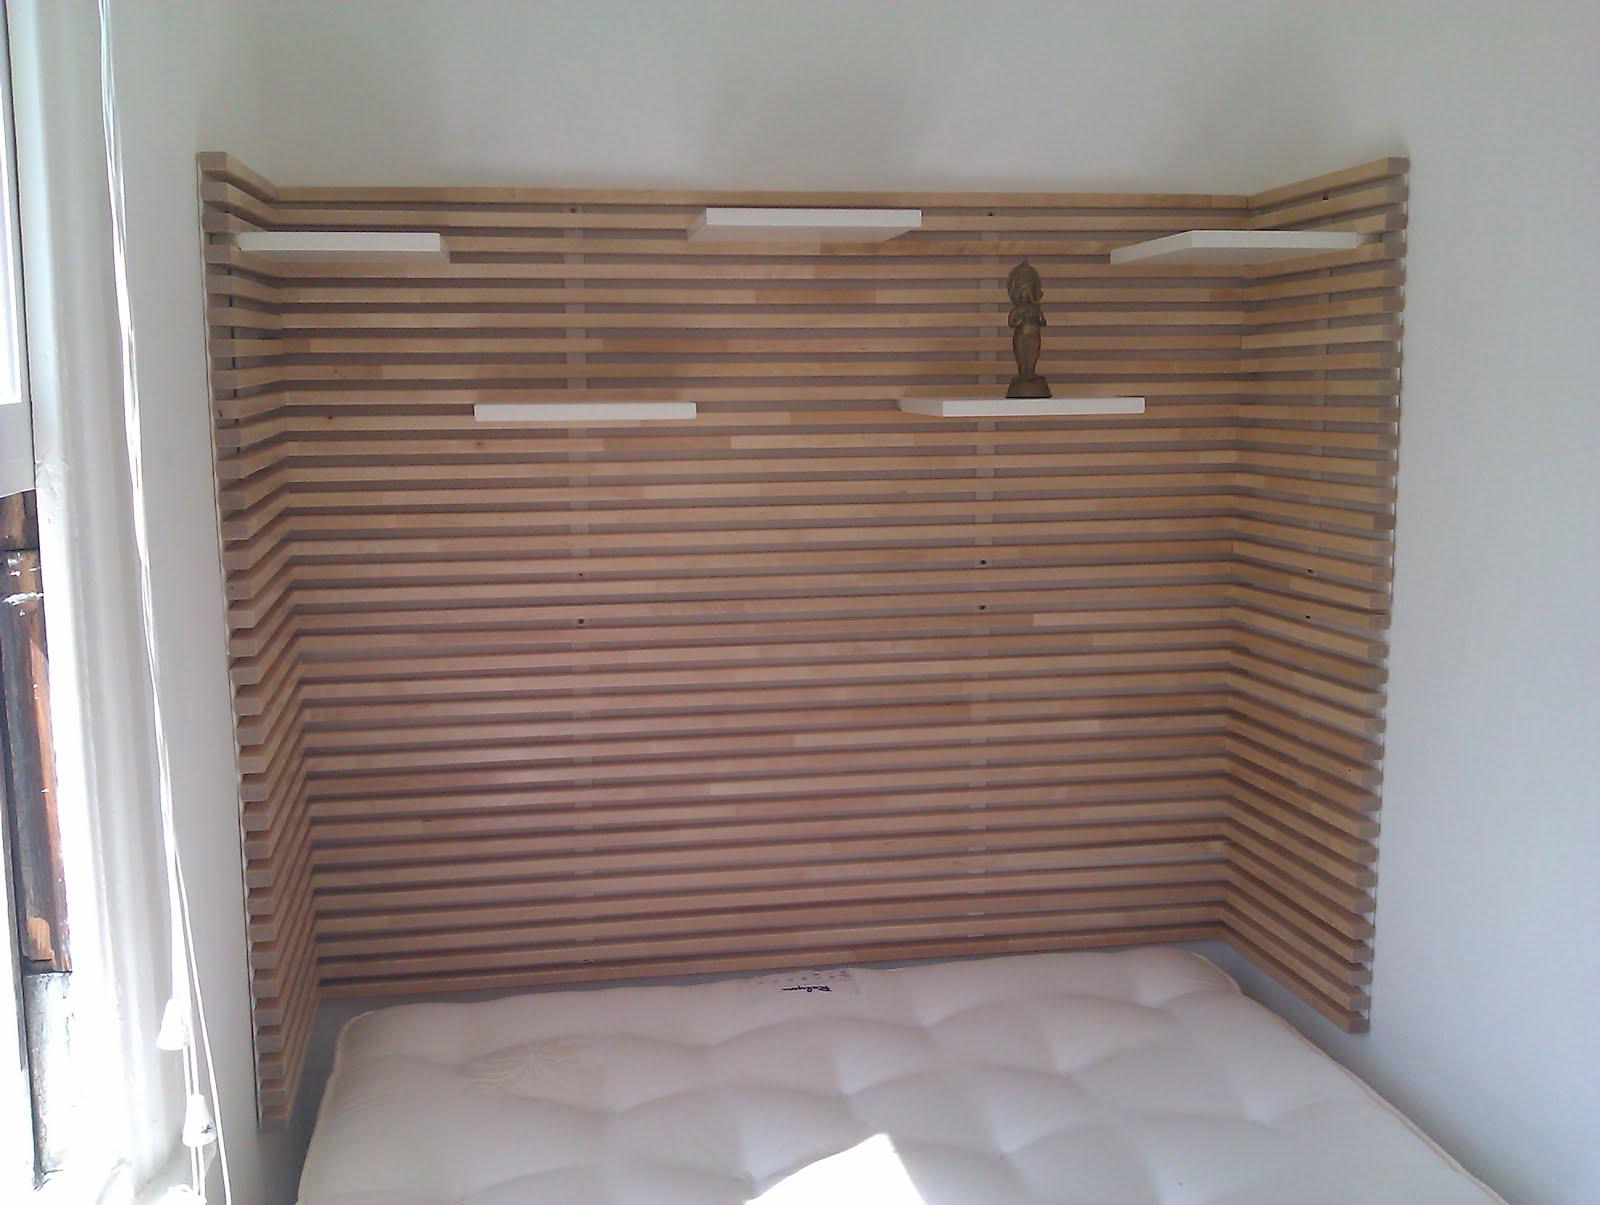 Ikea Aspelund Table De Chevet ~ Storage Boxes besides IKEA Hack Mandal Headboard besides IKEA Bunk Bed